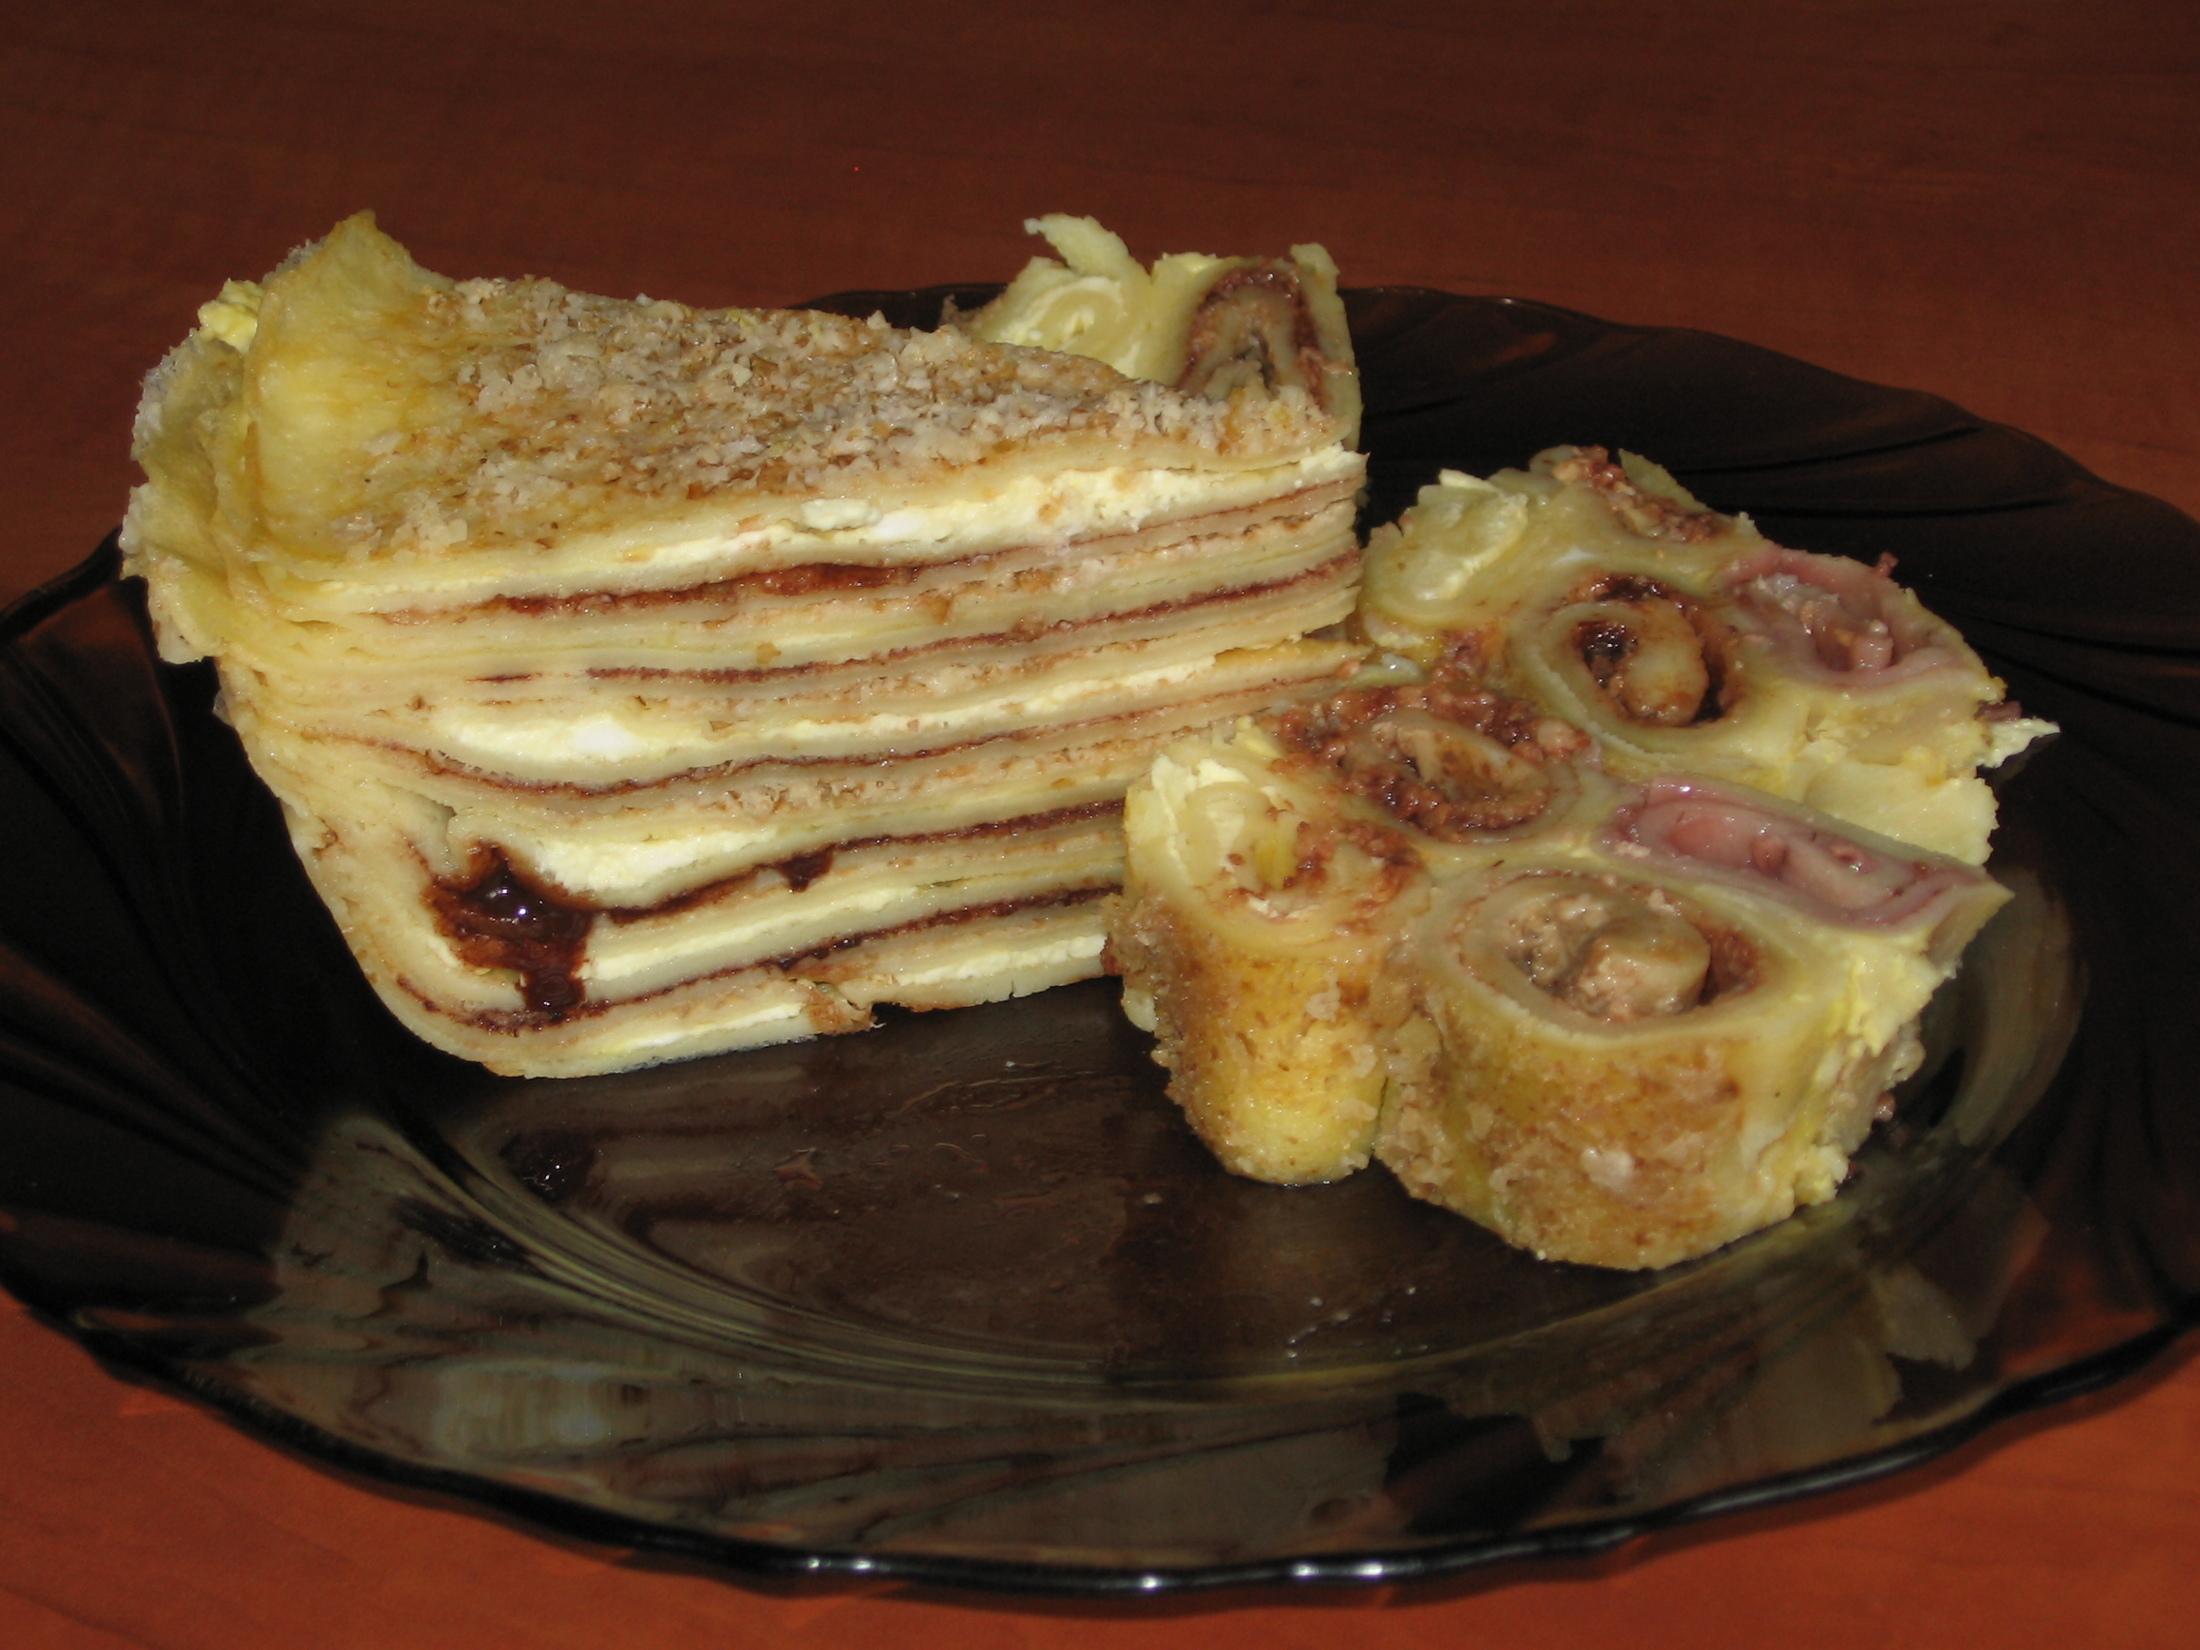 Palačinkový dort s krémem